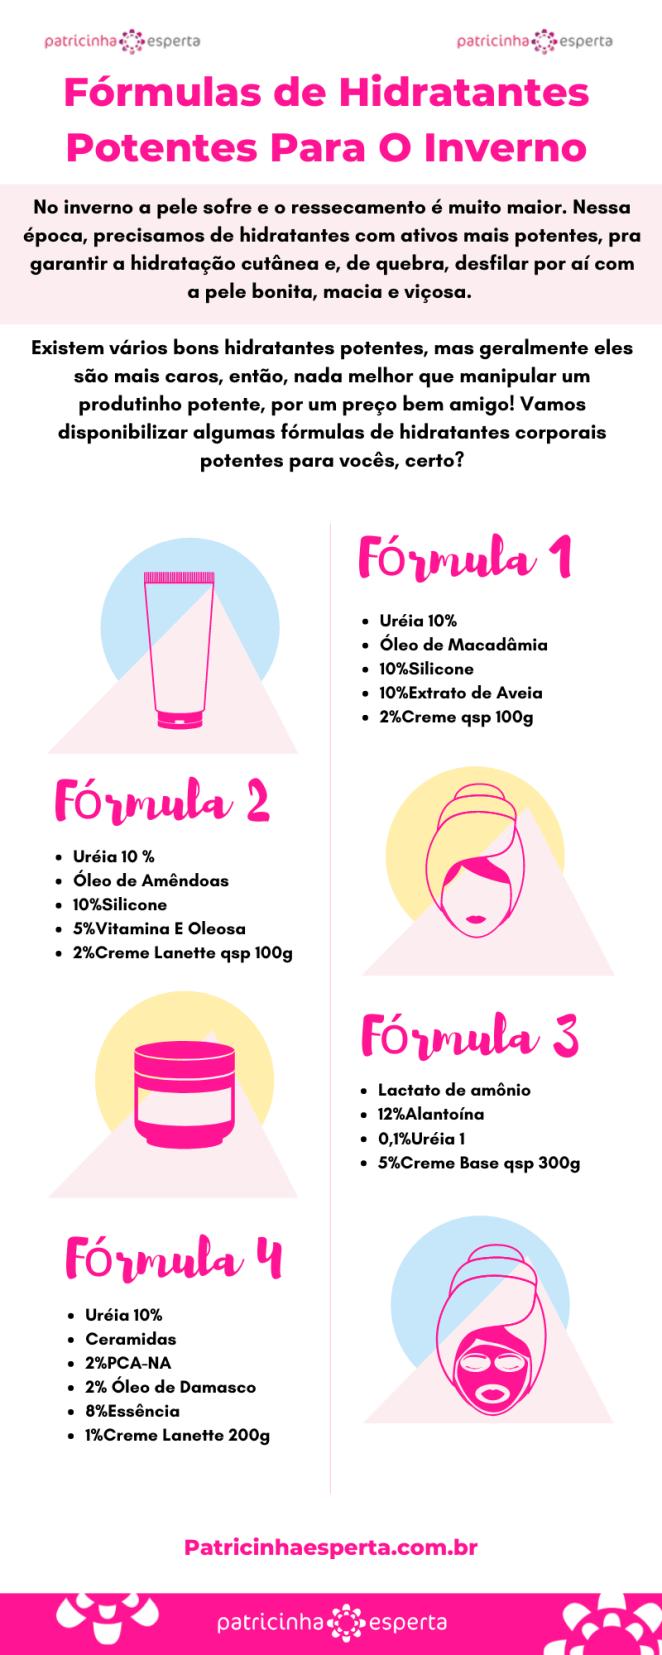 Feminine Routine Timeline Infographic - Fórmulas de Hidratantes Potentes Para O Inverno